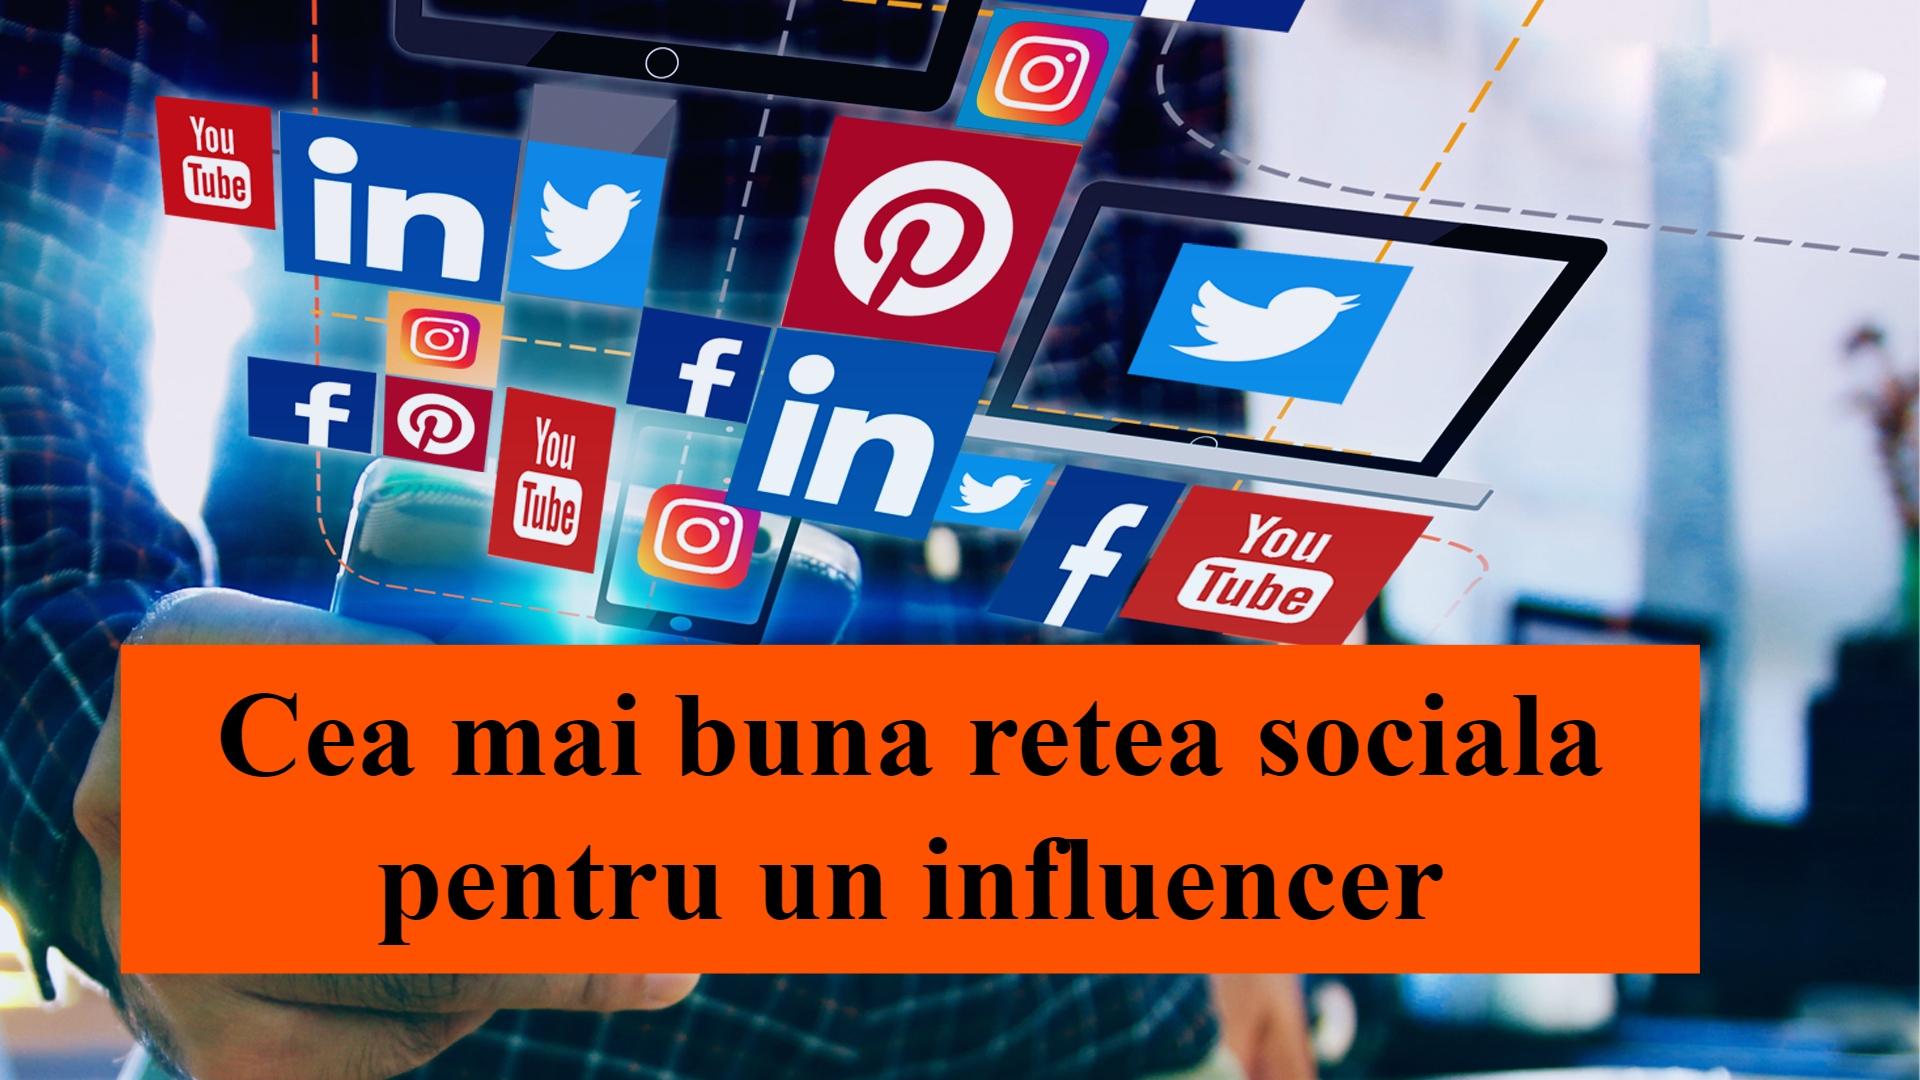 Cea mai buna retea sociala pentru un influencer